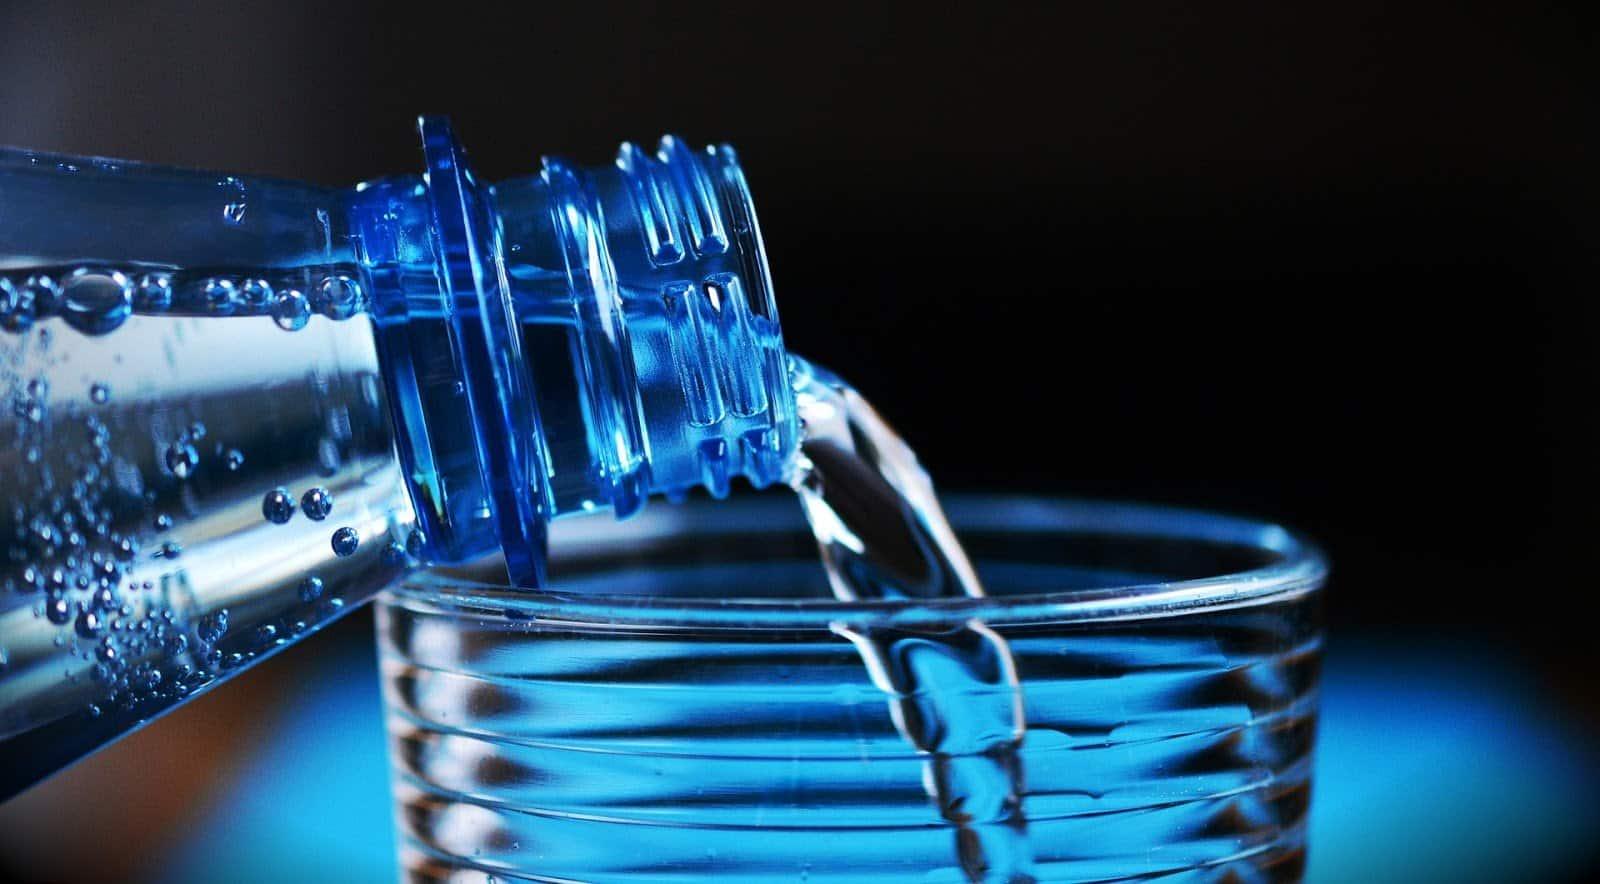 Acqua a 34 euro al litro: non per i poveri bevitori!